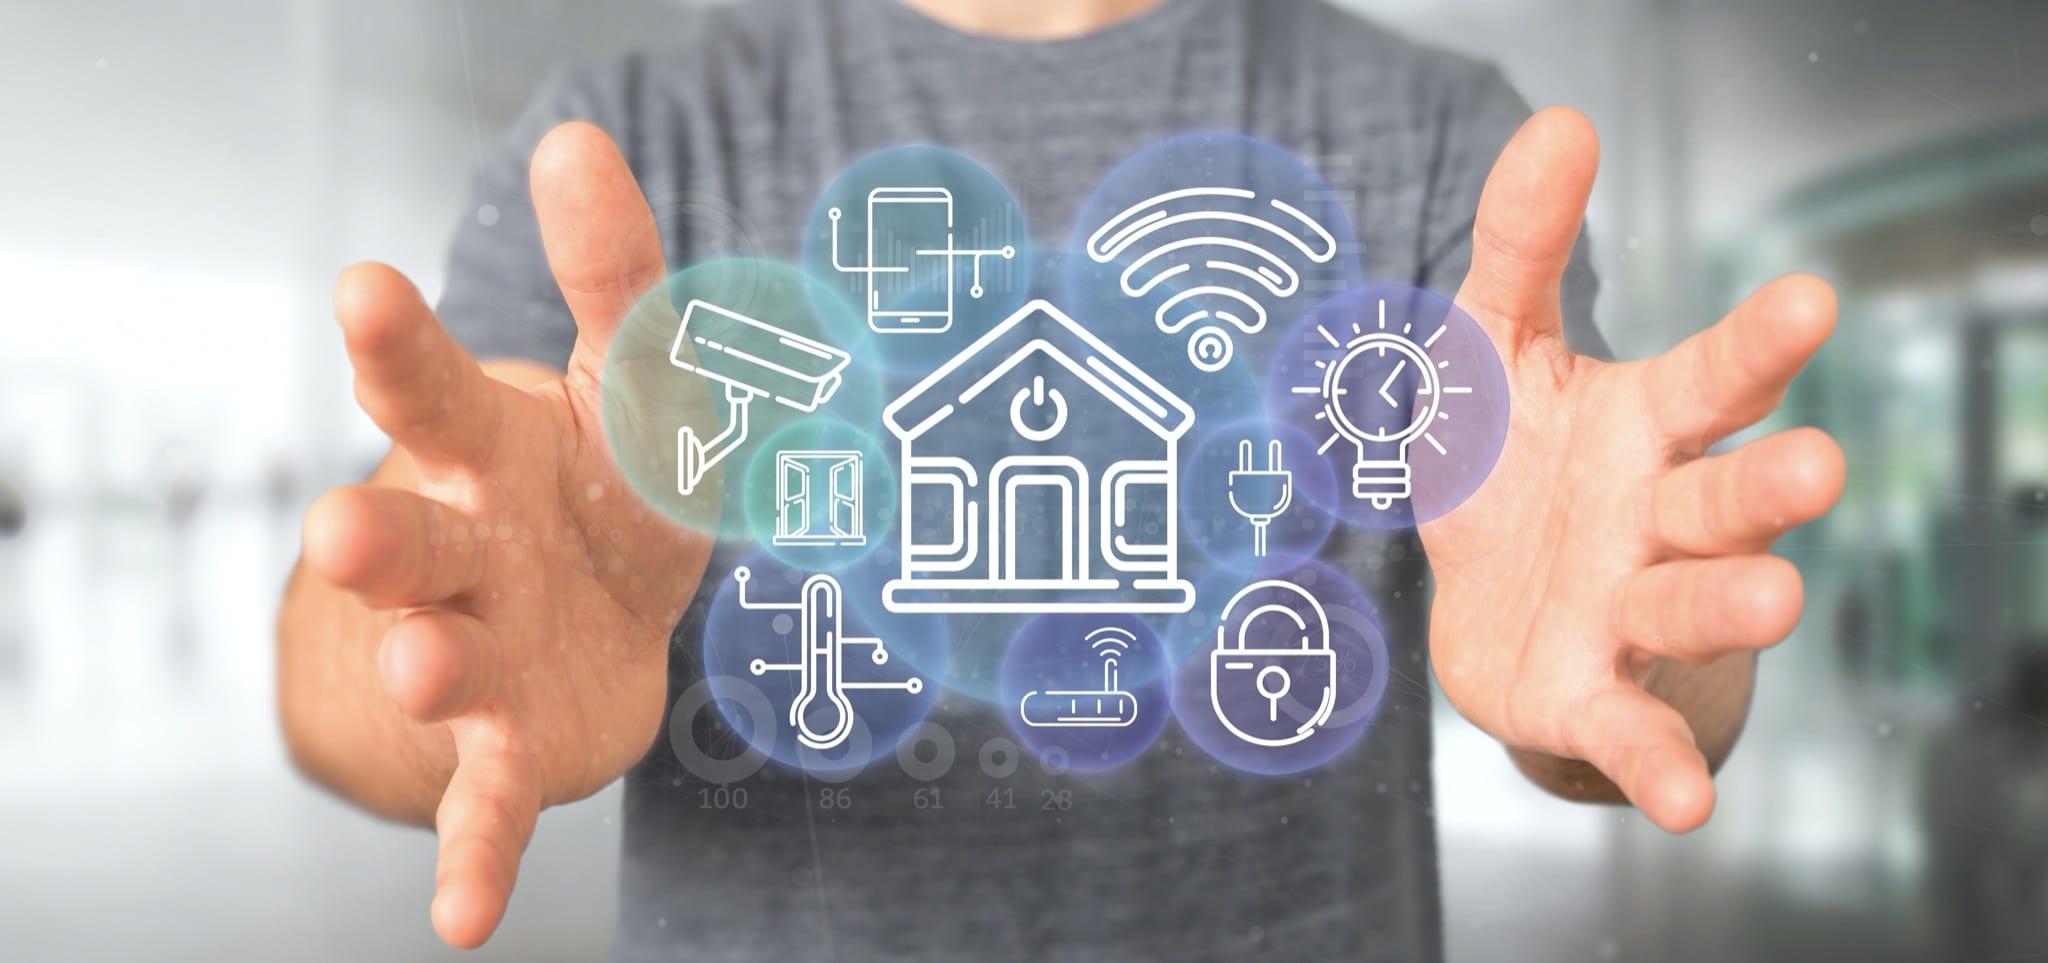 smart techonology - Analiză: Dezvoltatorii imobiliari, tot mai interesați de tehnologiile smart din piață